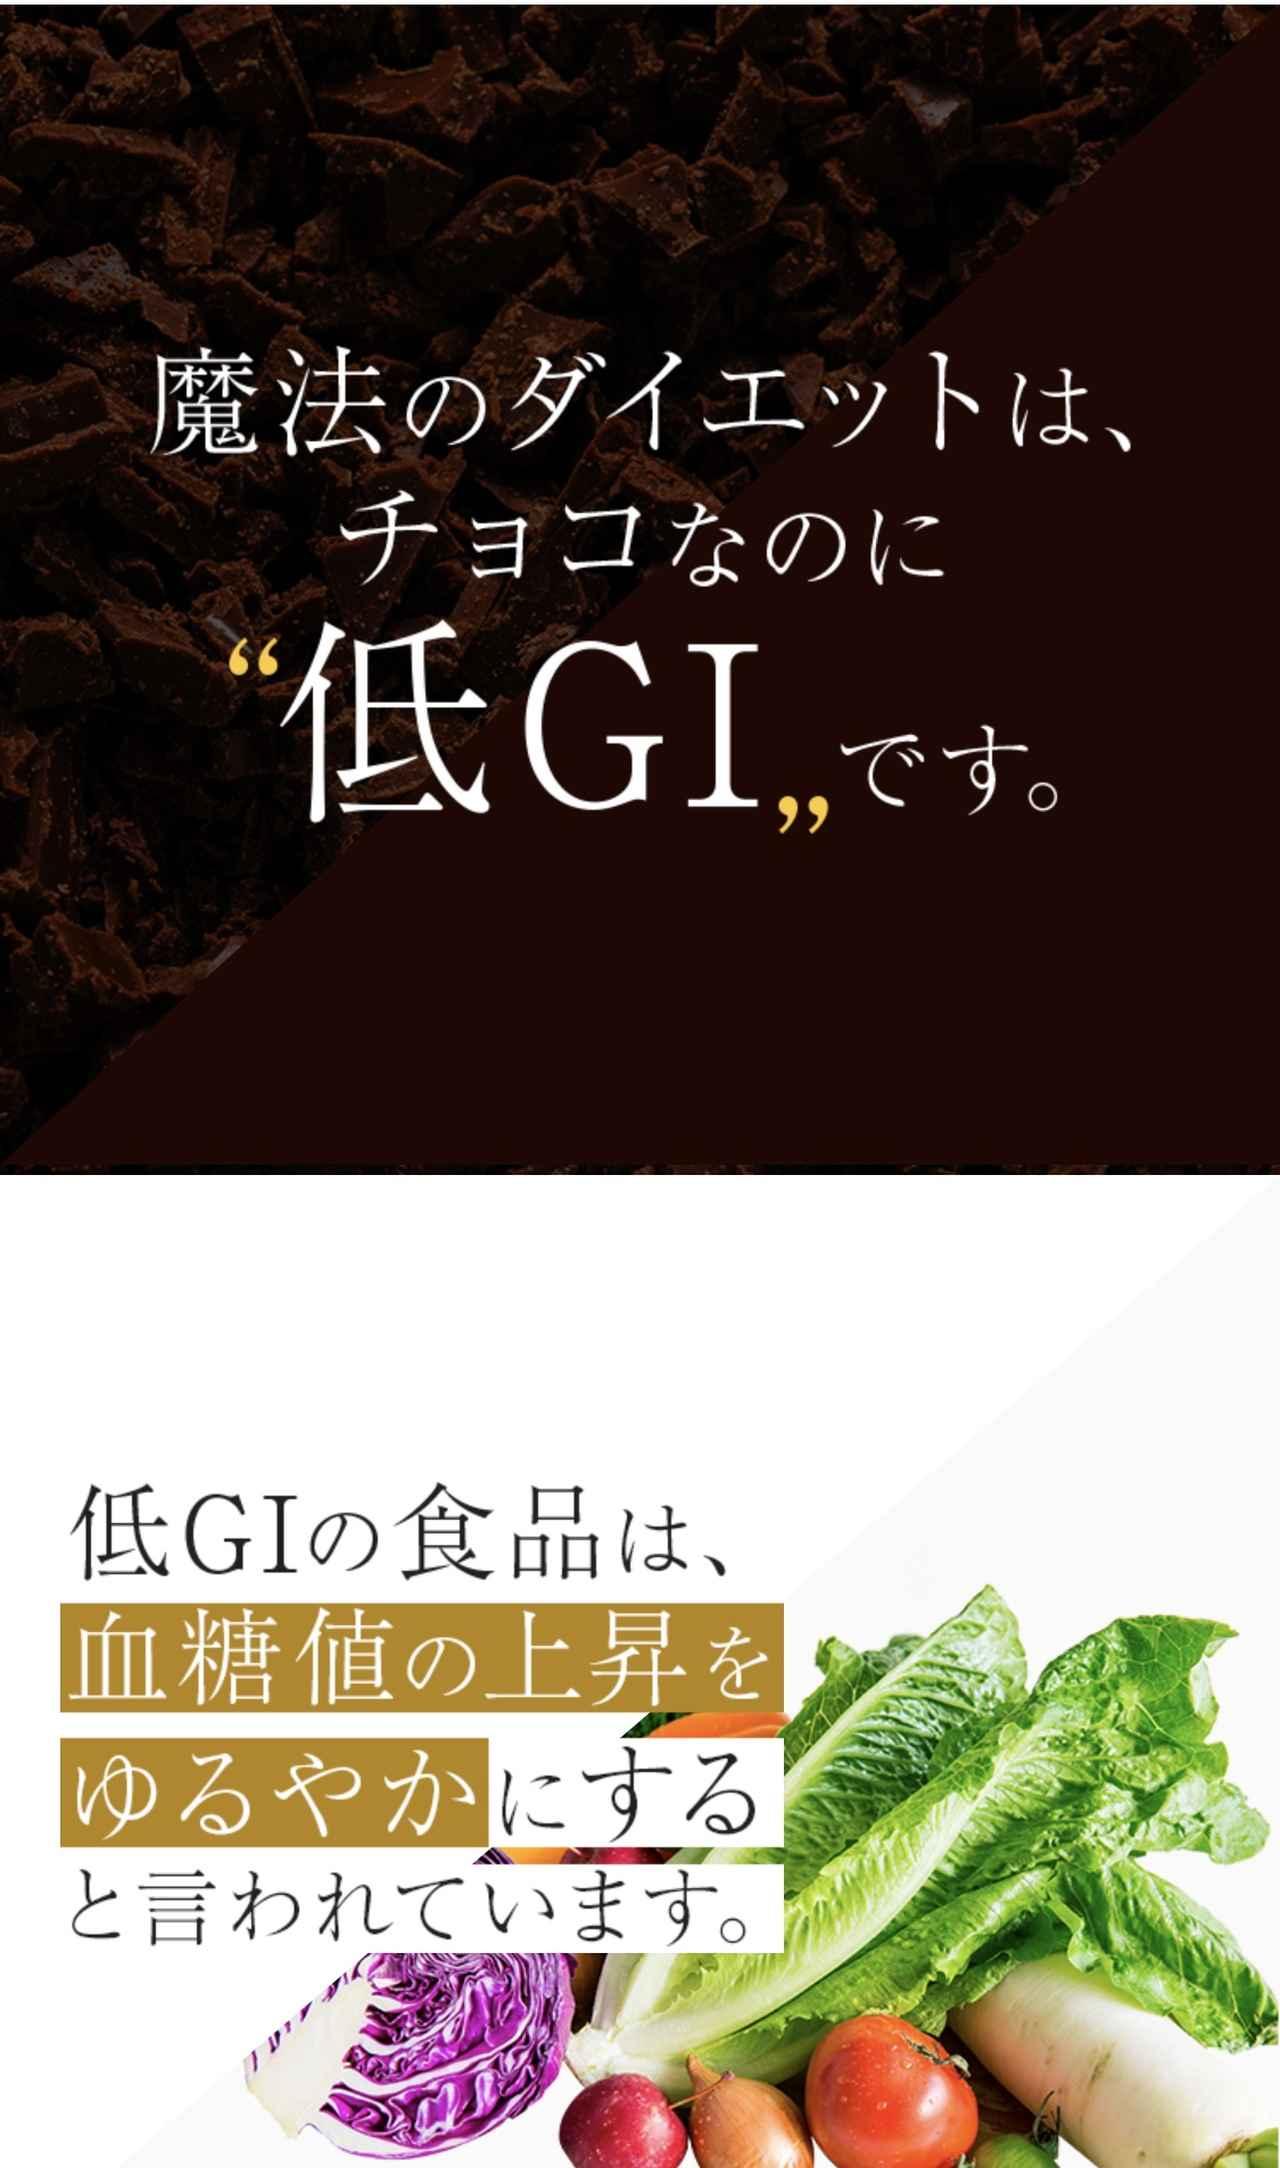 画像1: beauty.withus-corp.jp